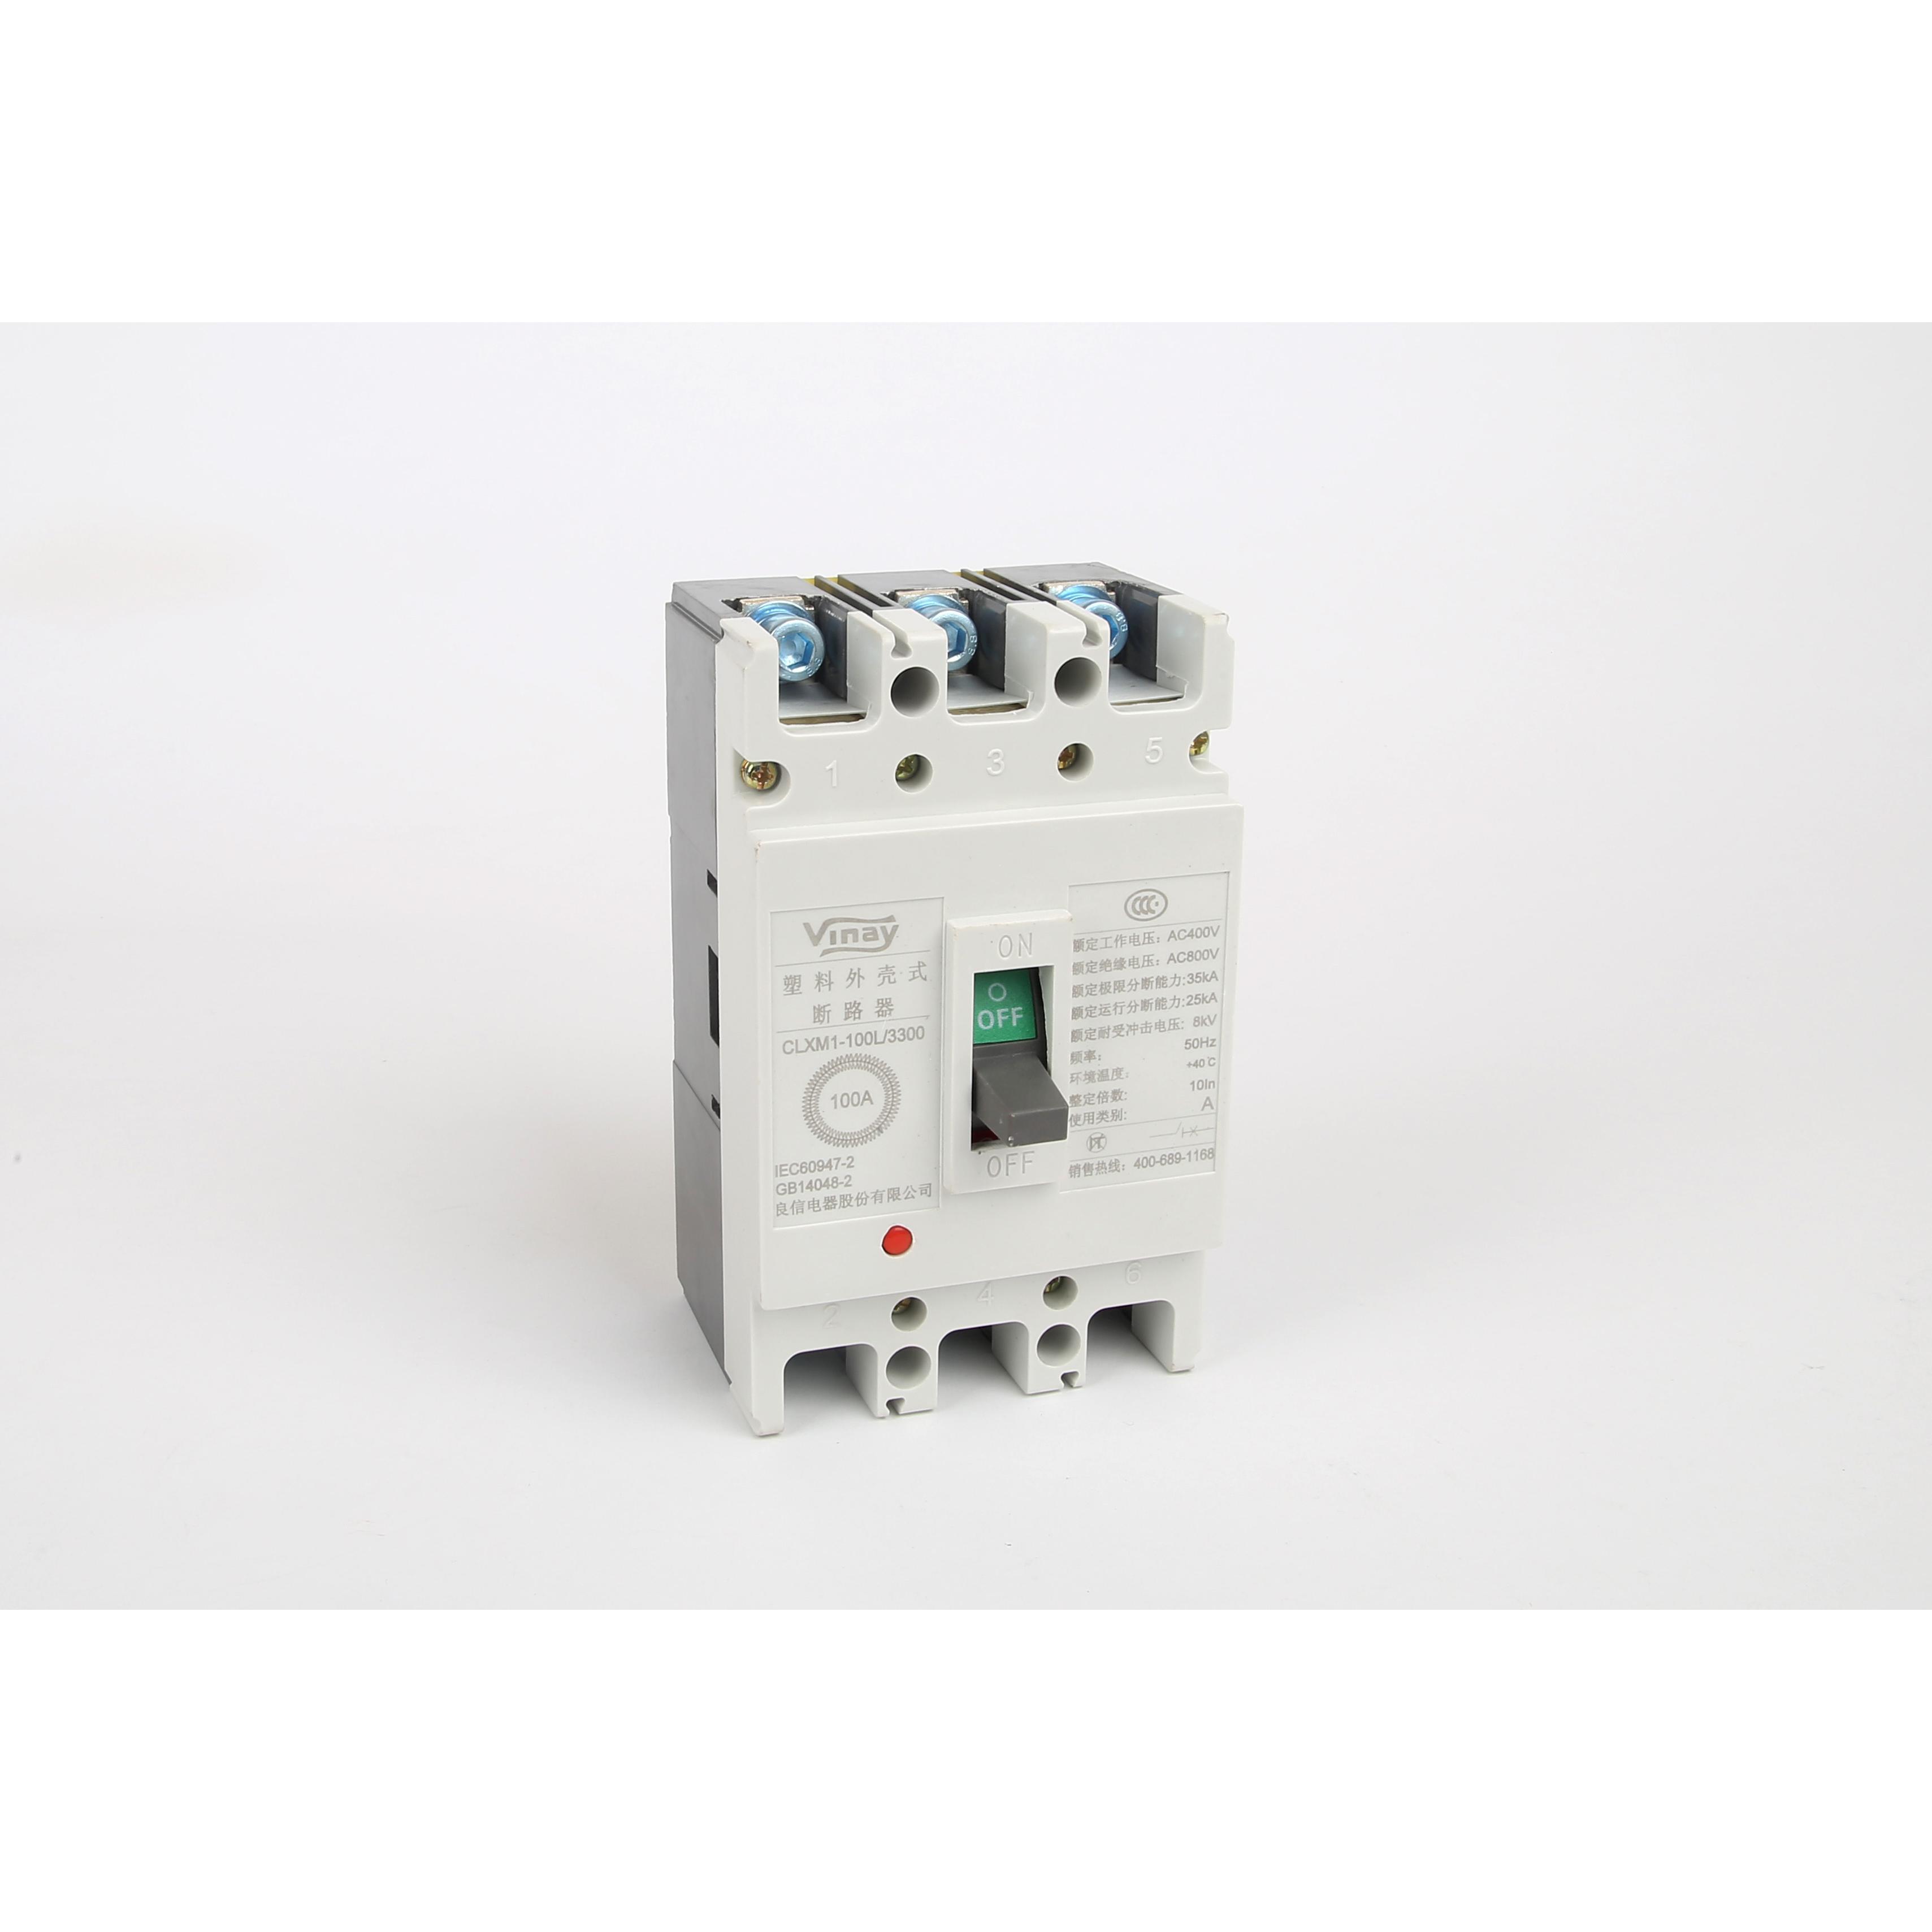 塑料外壳式断路器接线图几相电